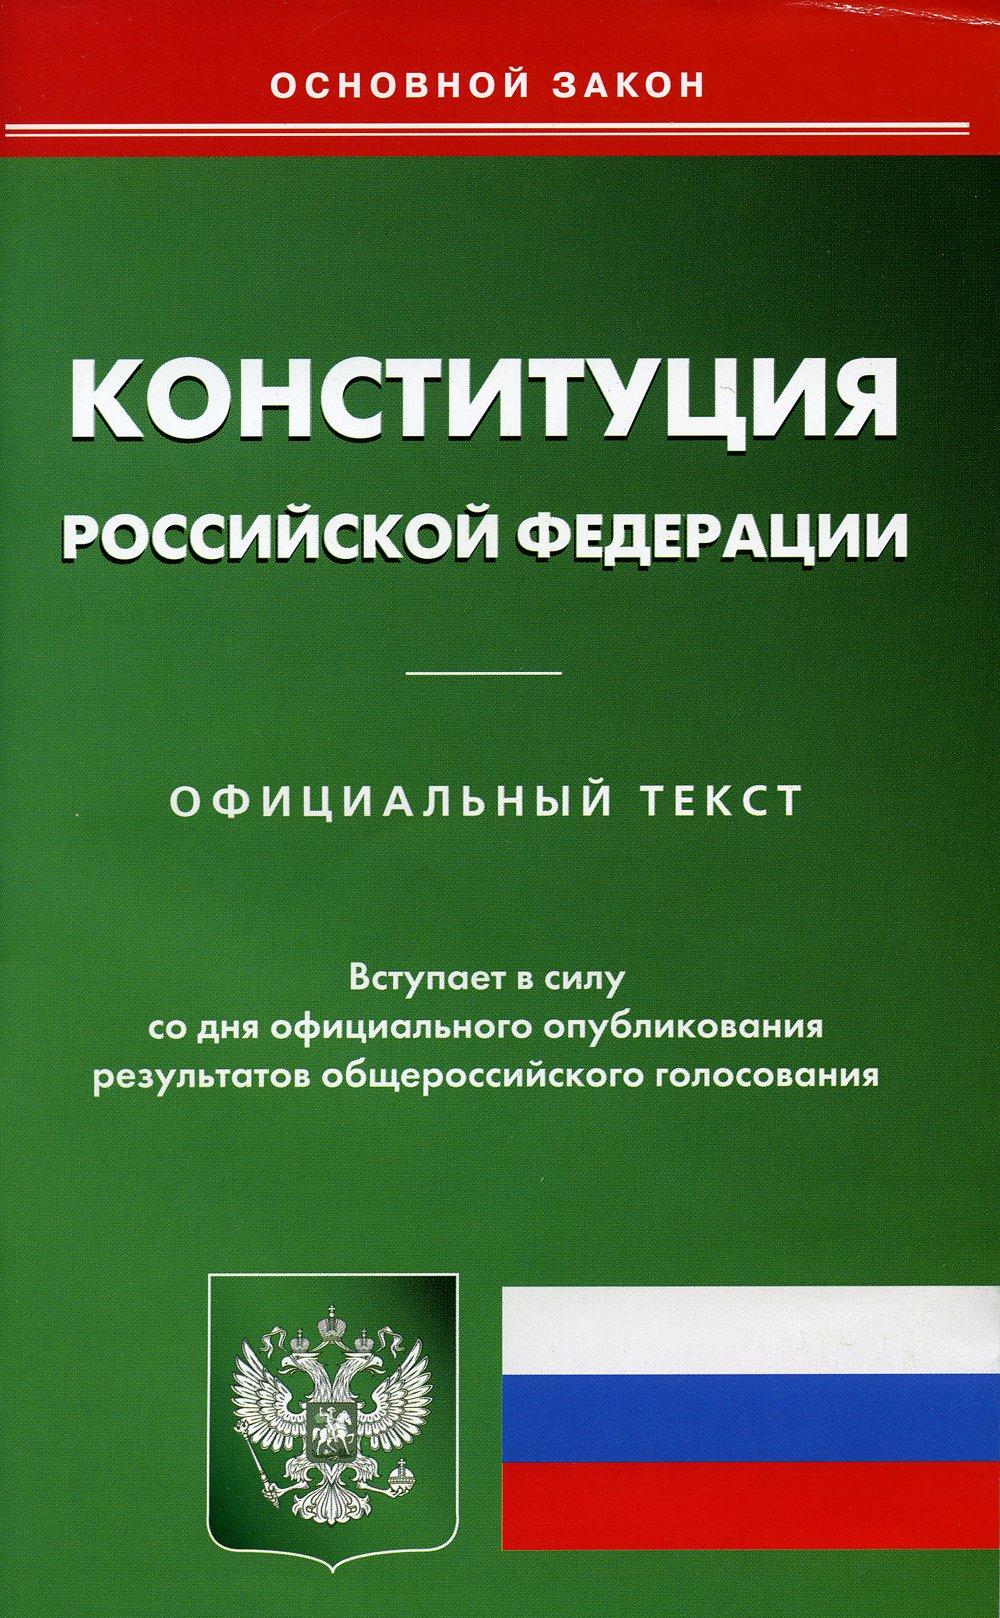 Конституция РФ. Вступает в силу со дня официального опубликования результатов общероссийского голосования